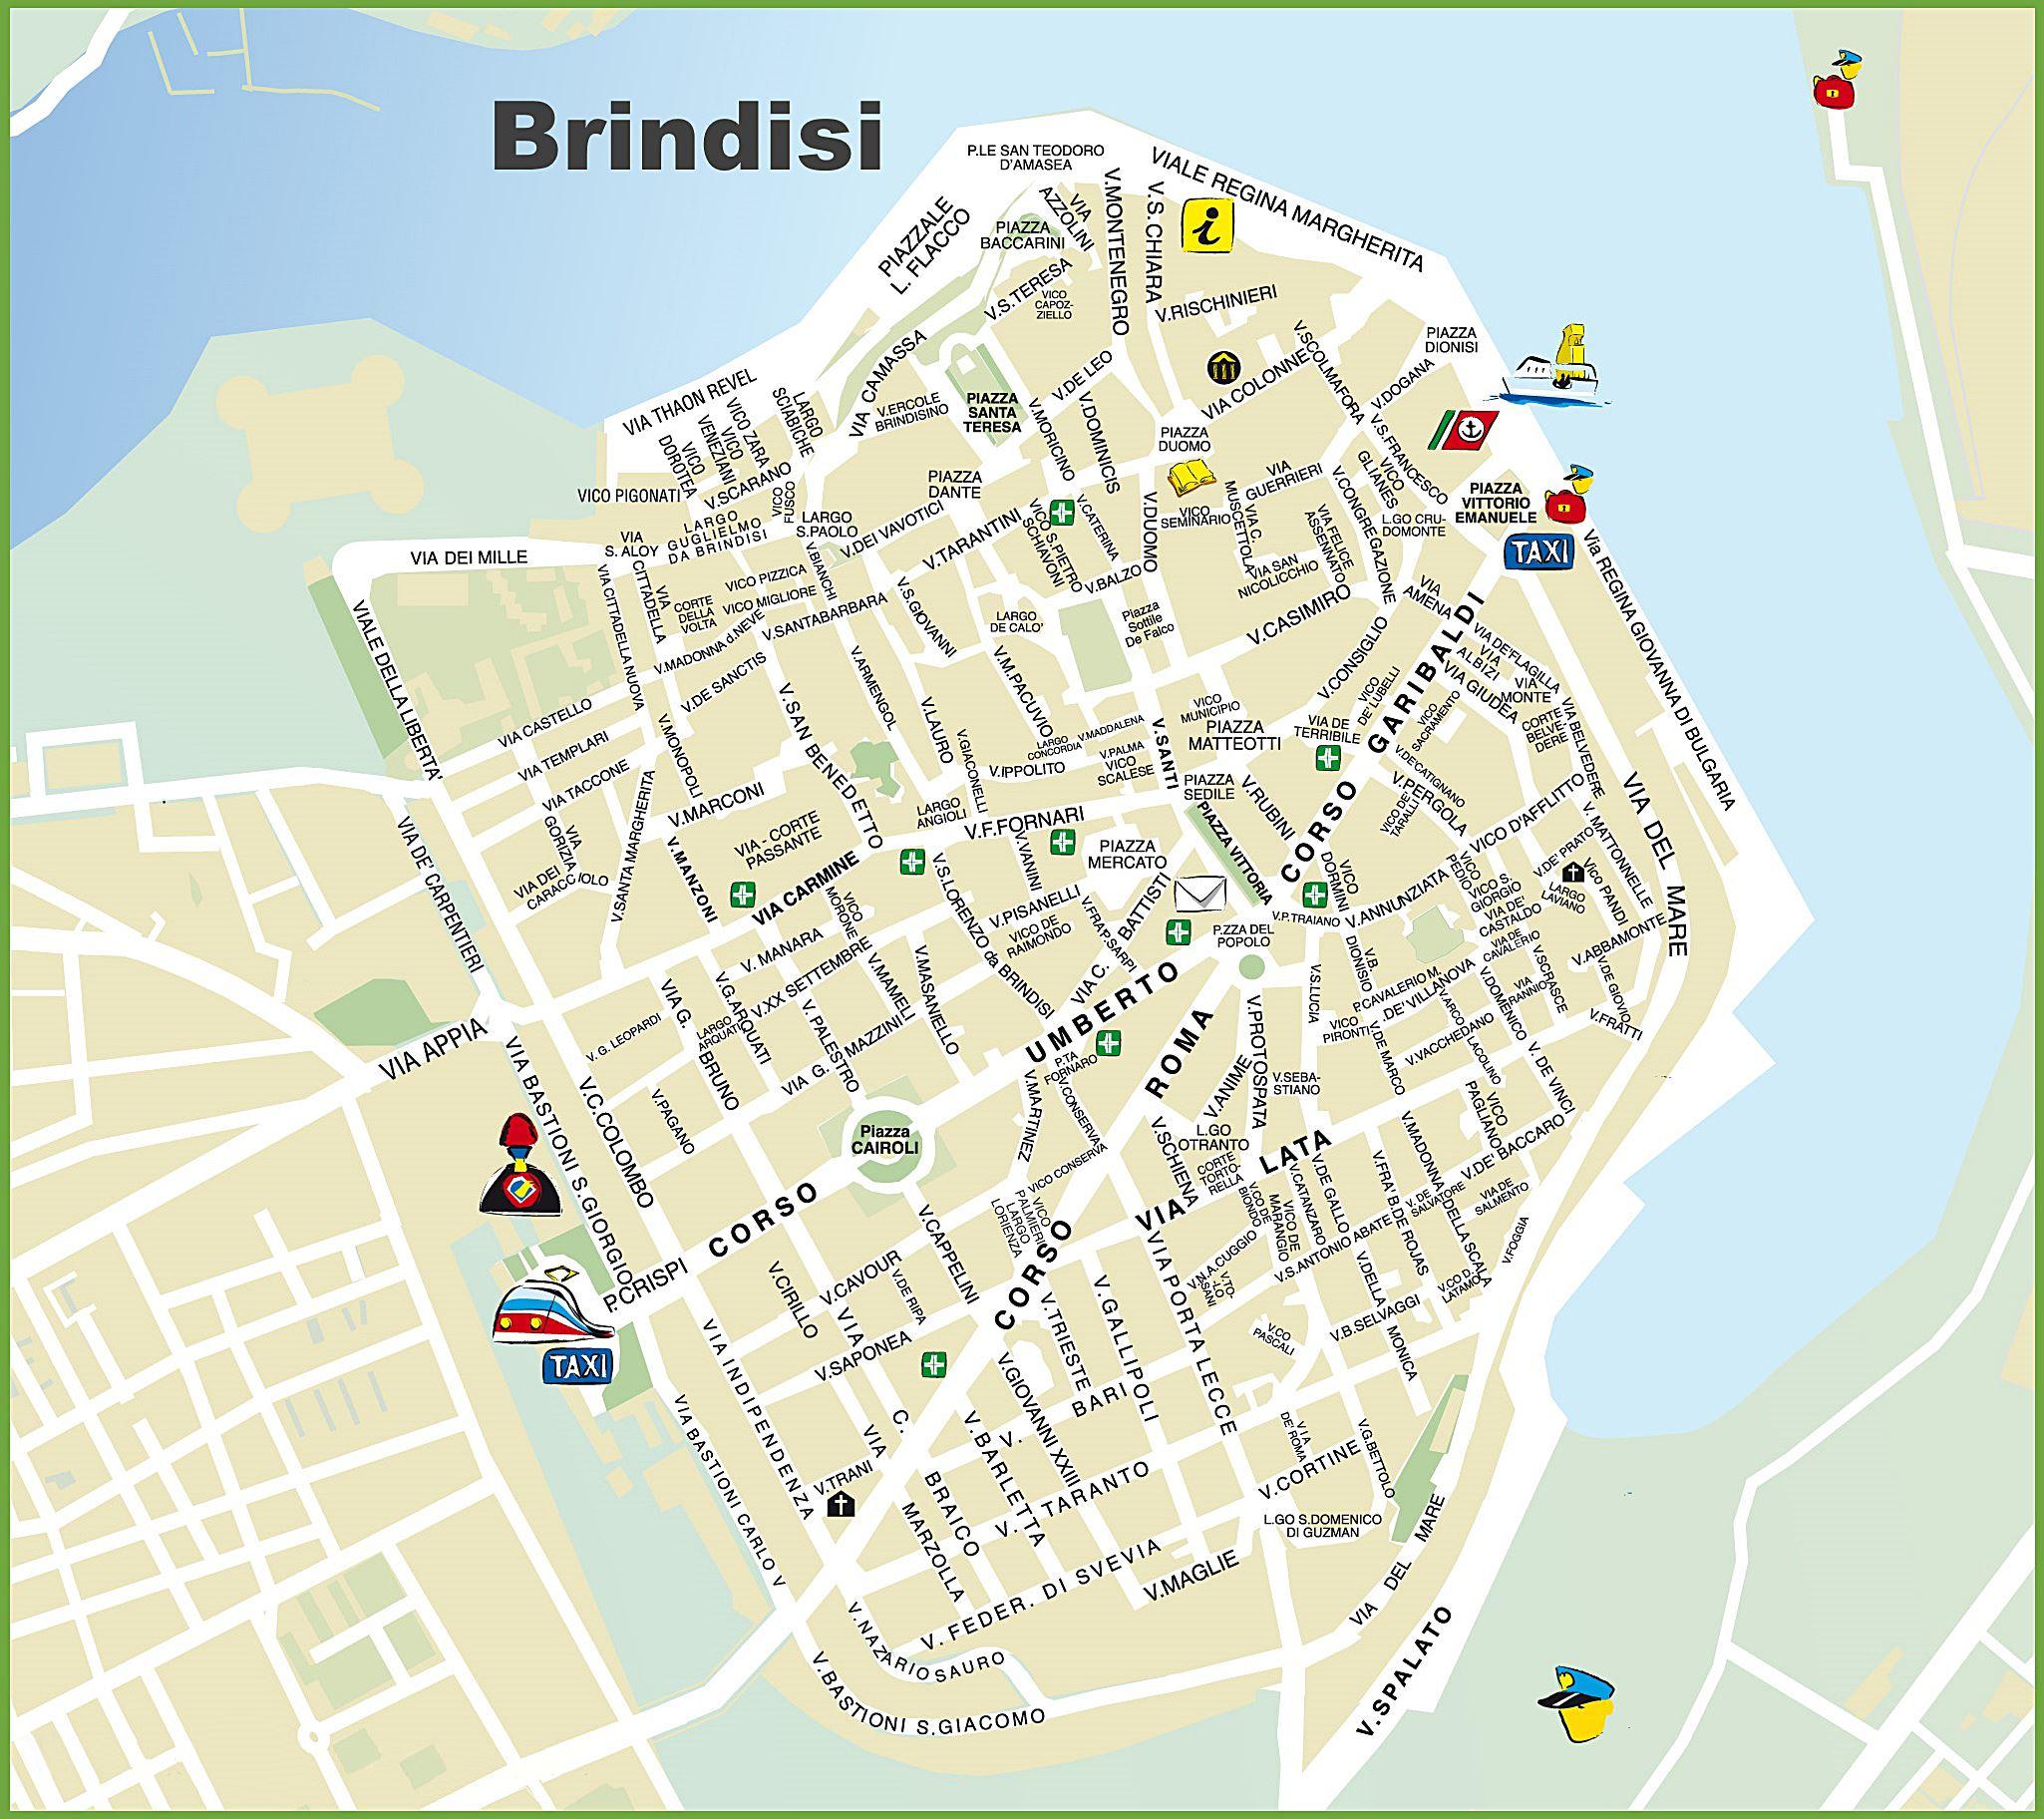 brindisi mapa Mapas Detallados de Bríndisi para Descargar Gratis e Imprimir brindisi mapa